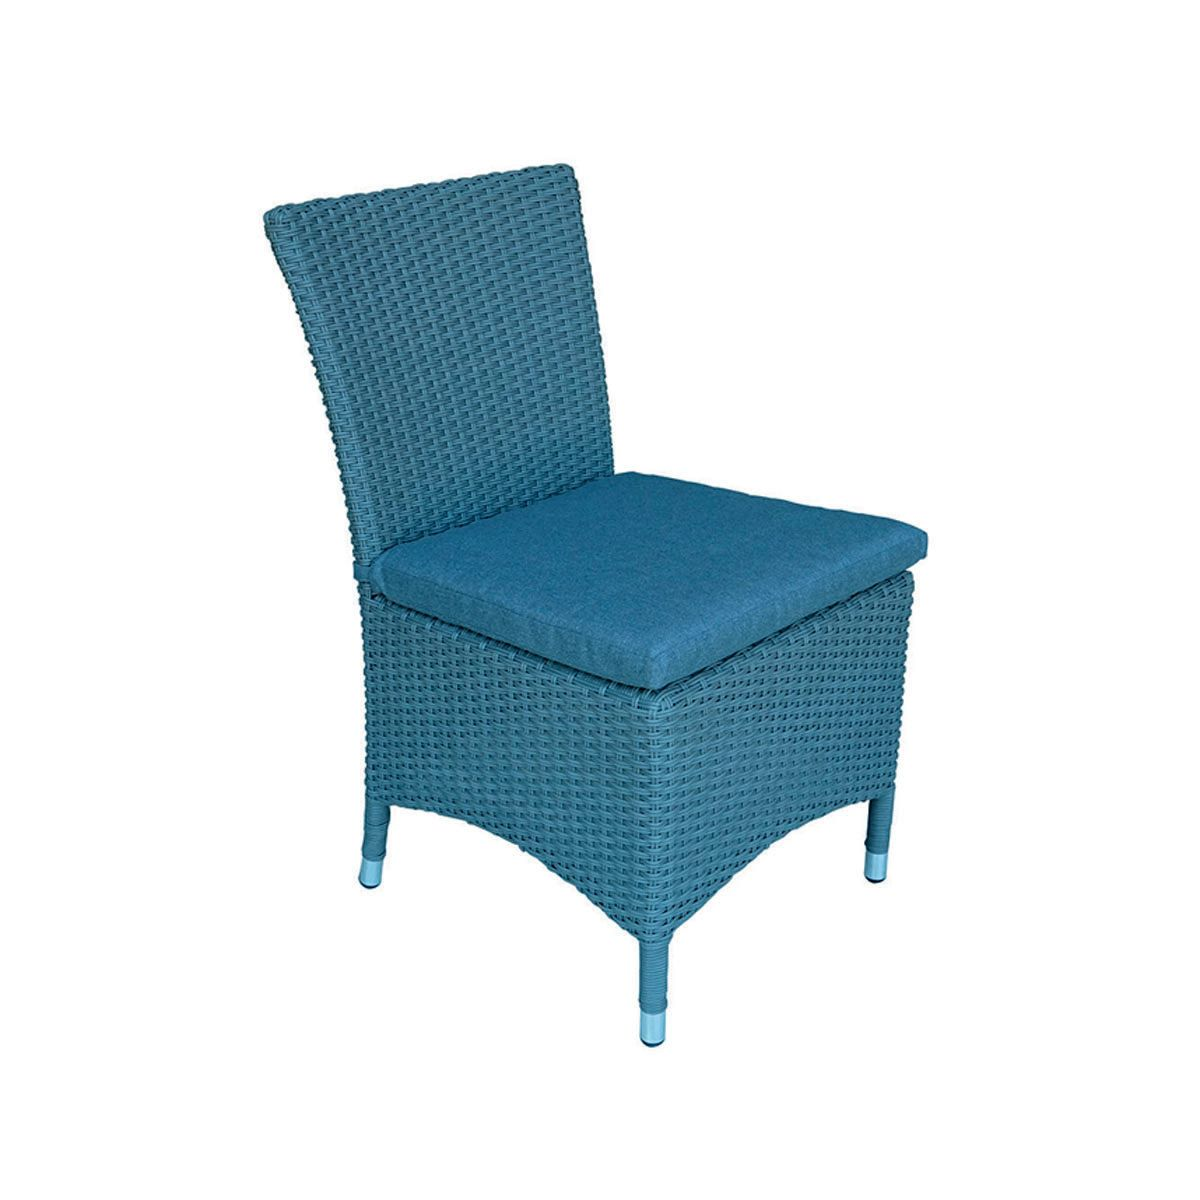 Sedie per esterno economiche forest cc sedia poltrona - Sedie per esterno economiche ...